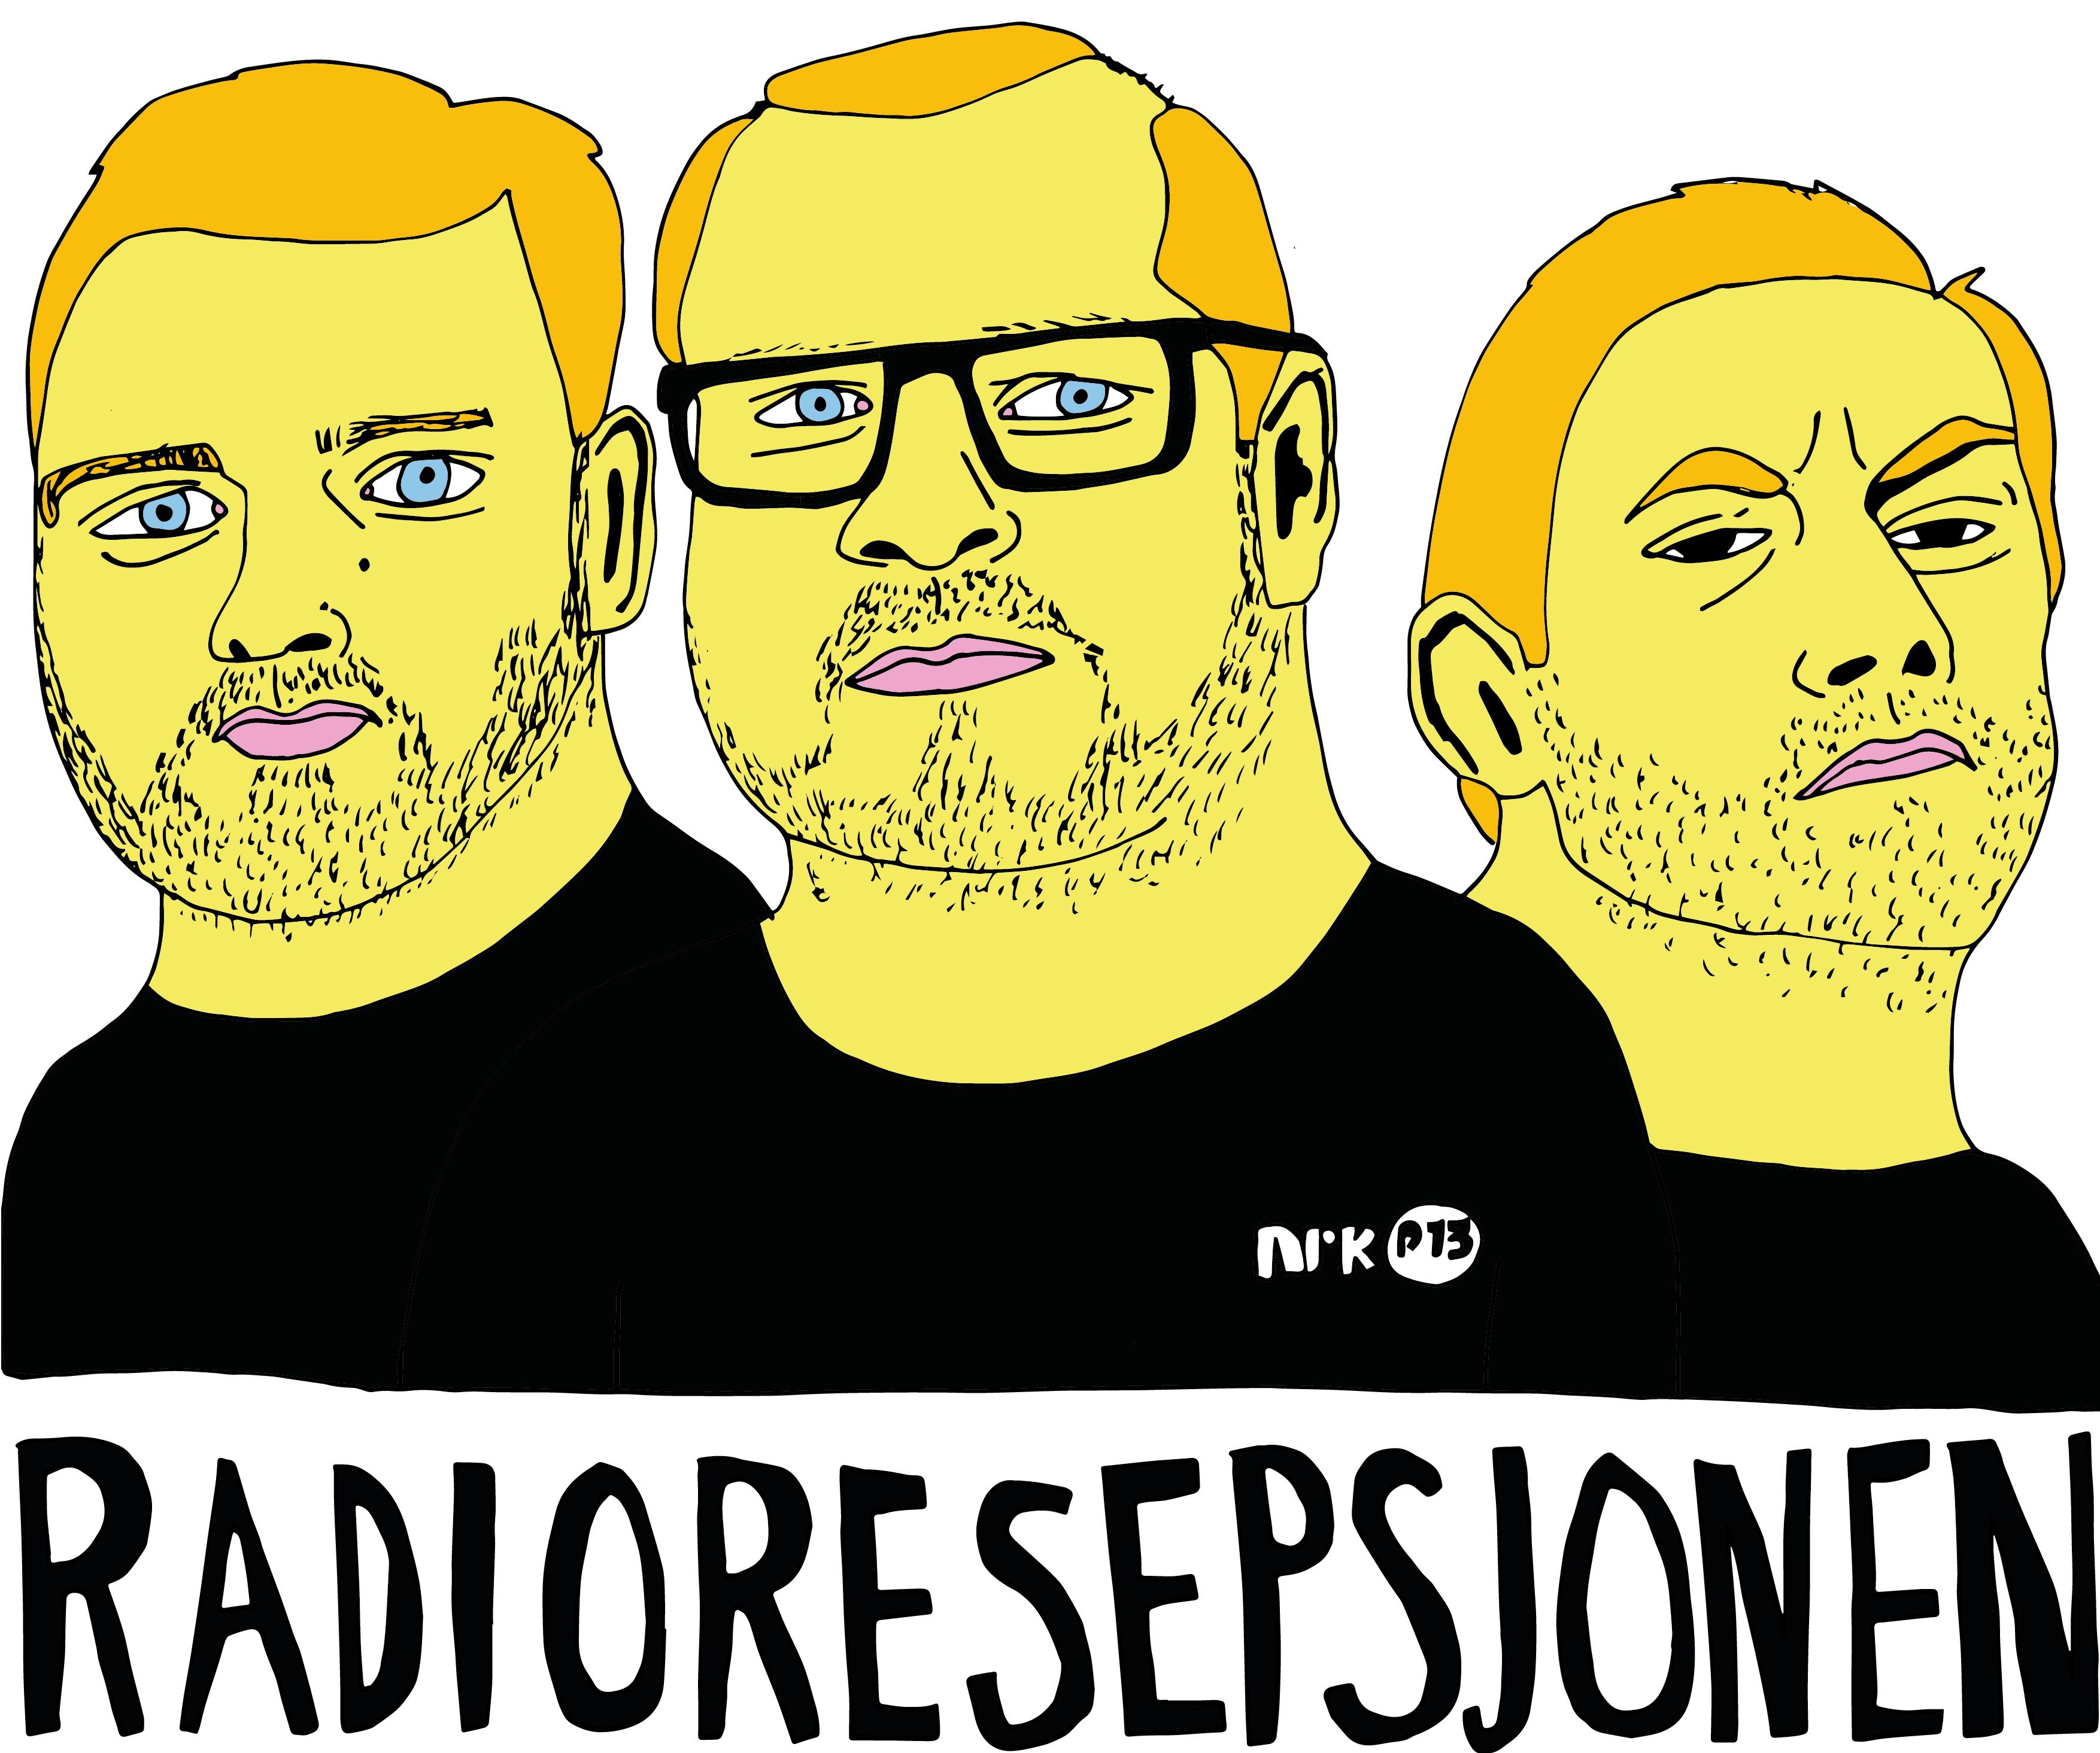 Radioresepsjonen / 2016